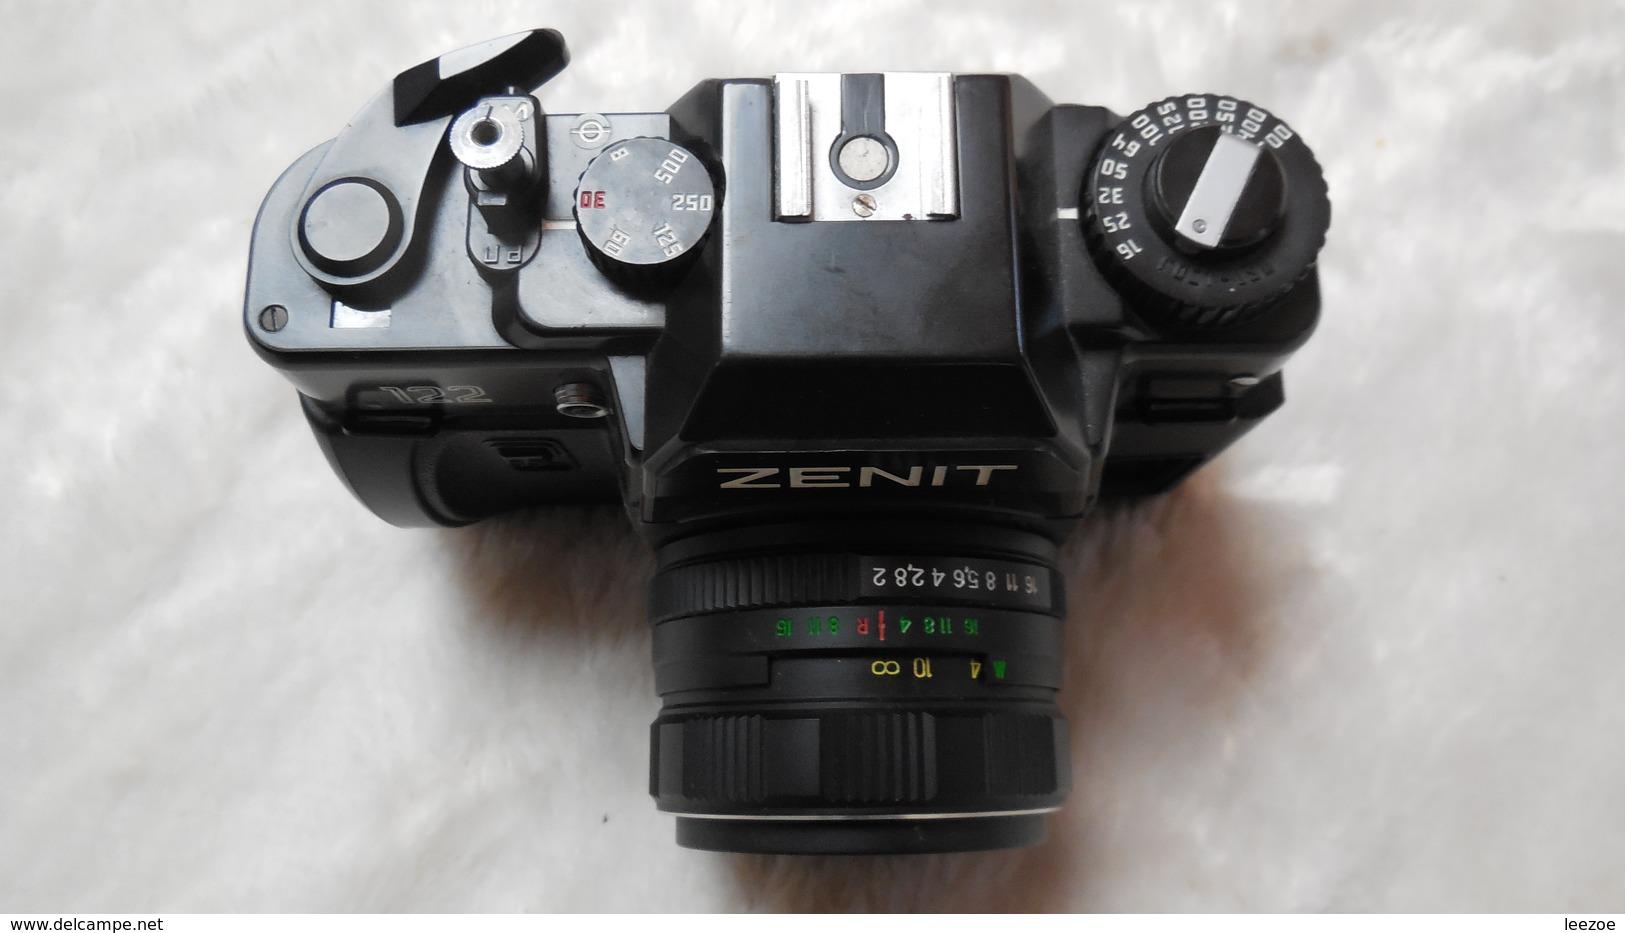 Appareil Photo ZENIT 122 Semi Automatique, Objectif MC Hélios-44M-4, 58mm 1:2,1ère Version Avec Fenêtre Rectangulaire - Appareils Photo